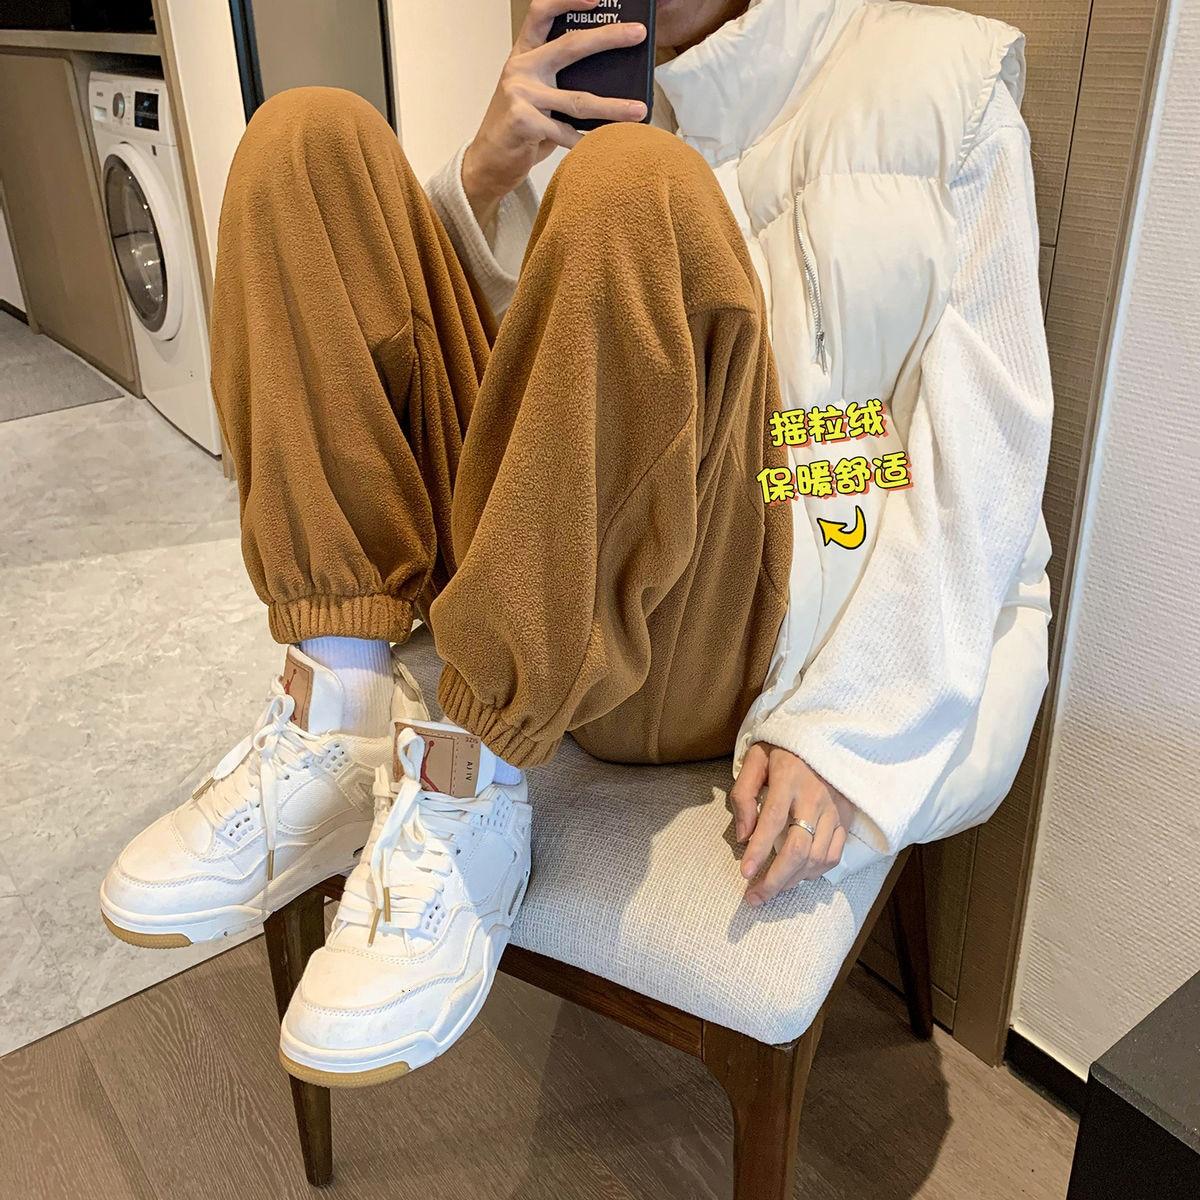 INXYZ 2021 Men's New Fleece Sweatpants Pure Color Plus Size Casual Korean Warm Waist Pants Women's A